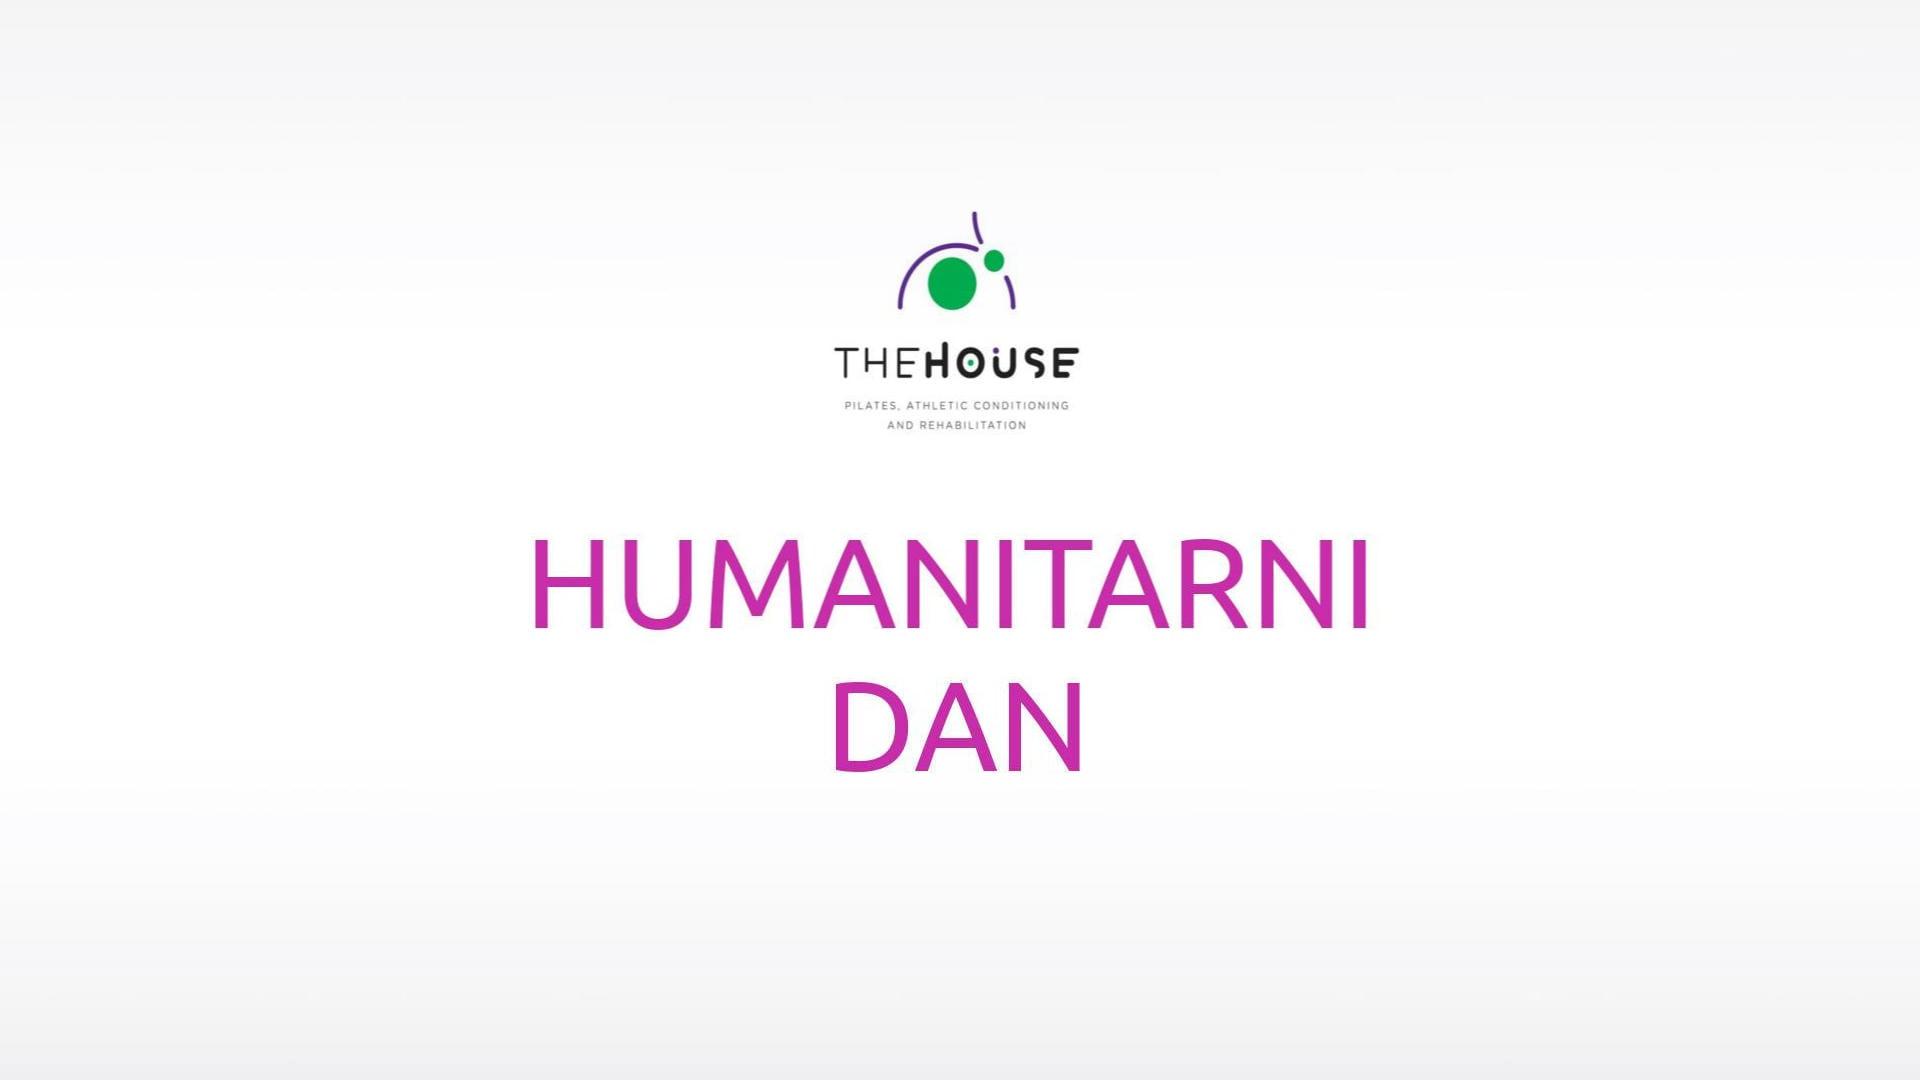 Humanitarni dan